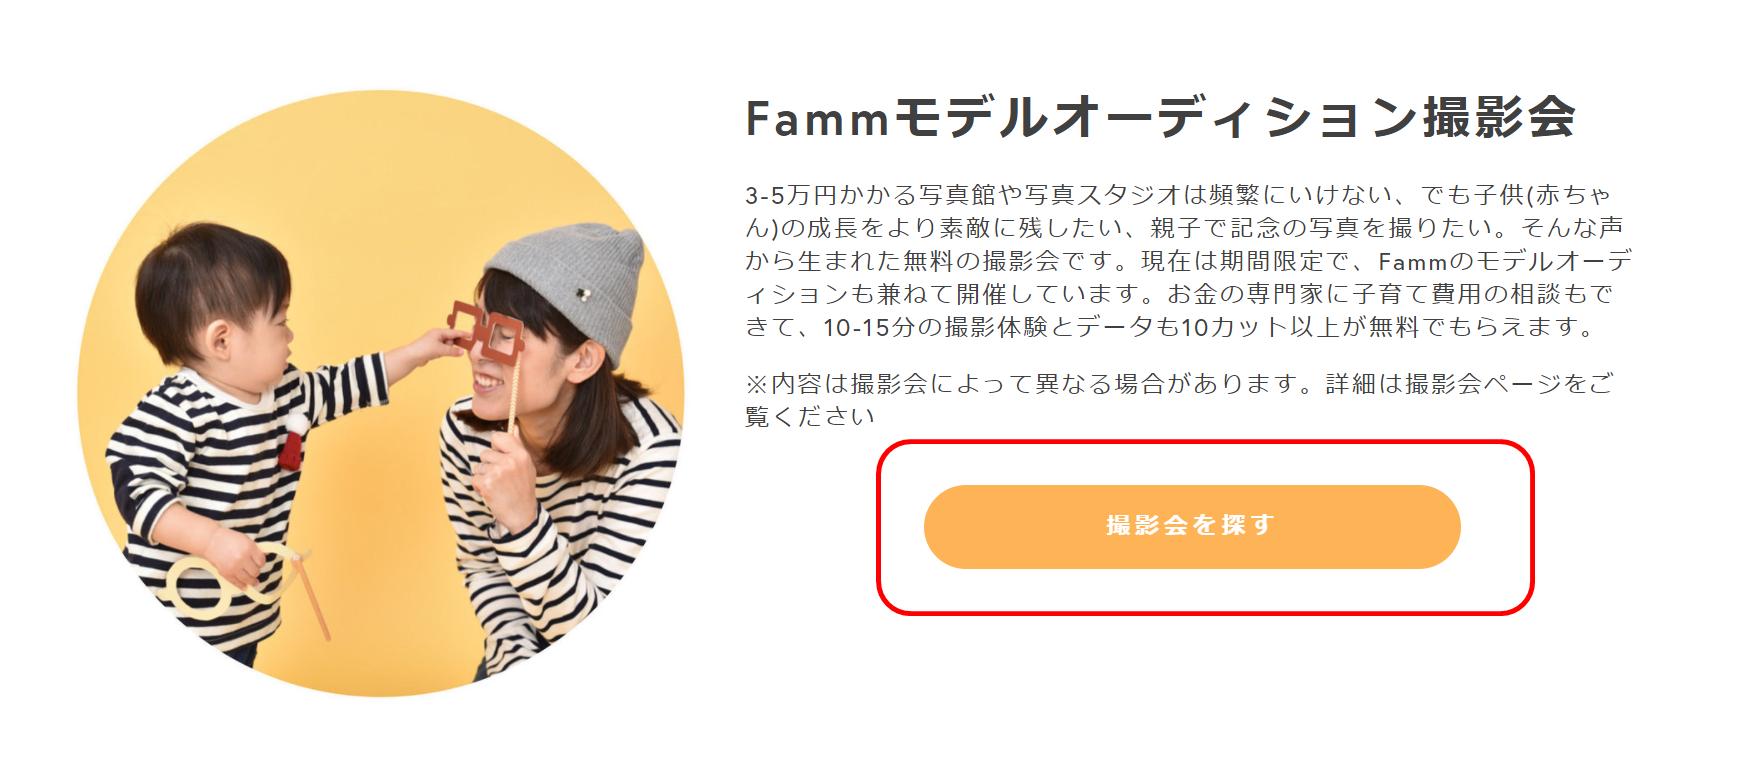 Famm無料撮影会 予約方法